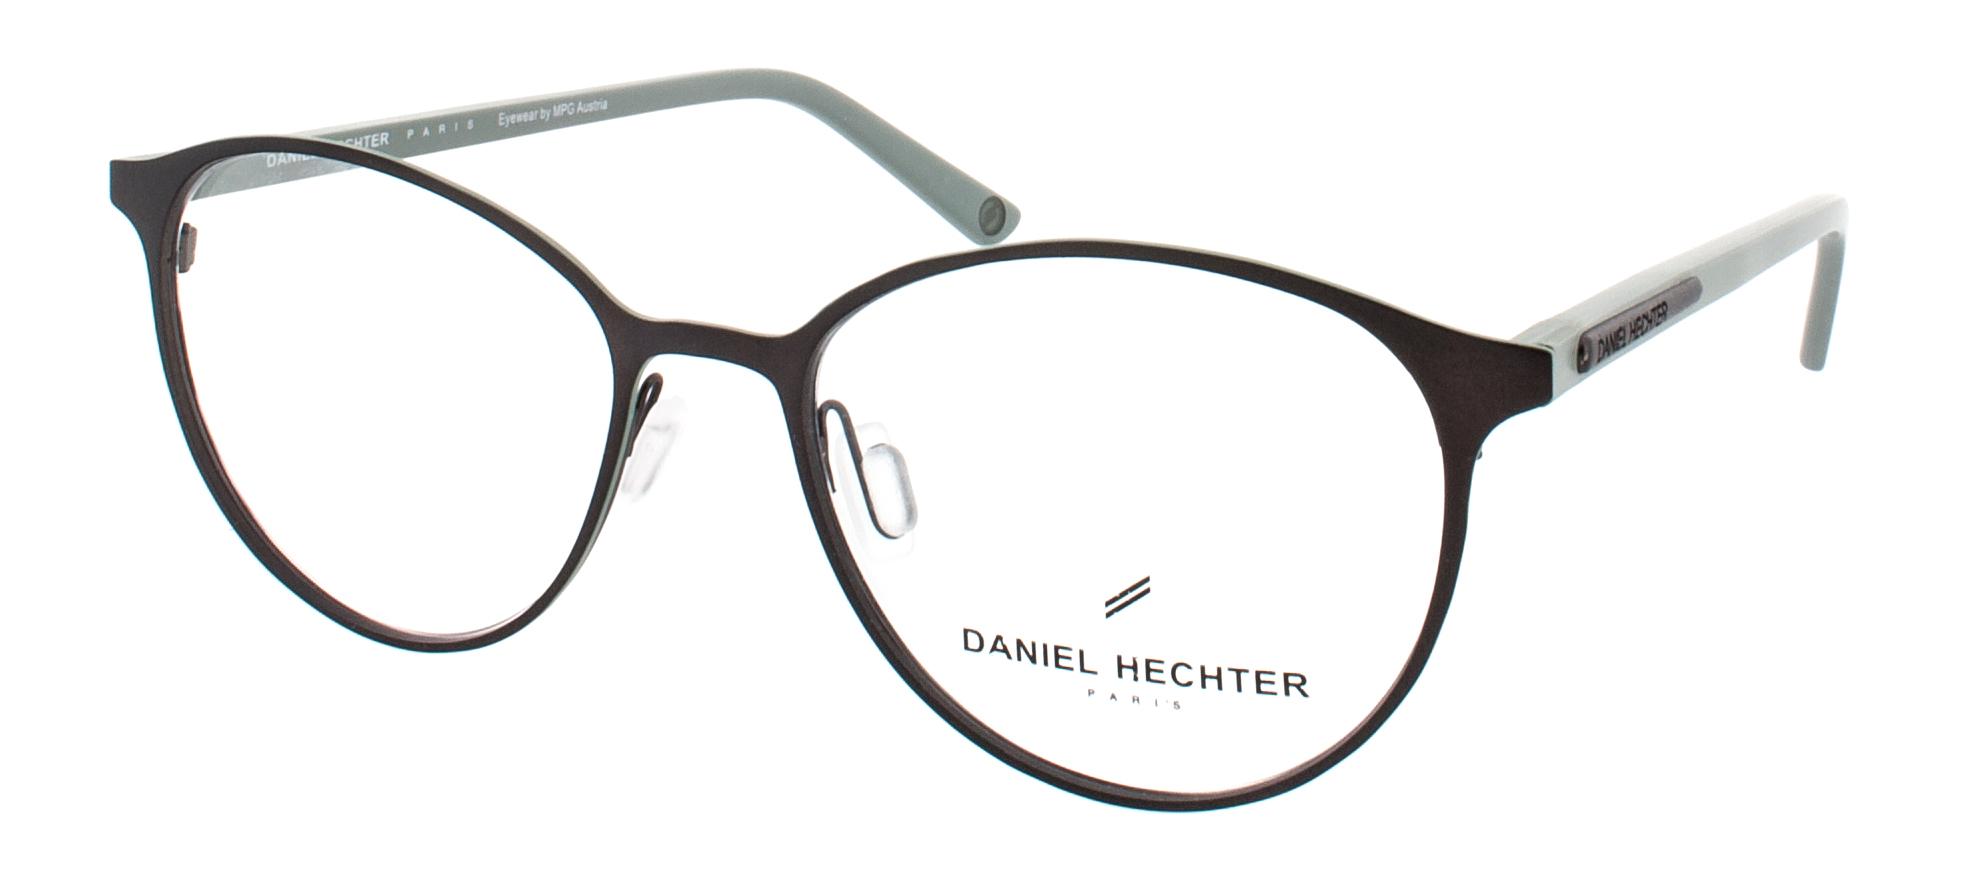 DANIEL HECHTER | frame: Modell DHM114-3